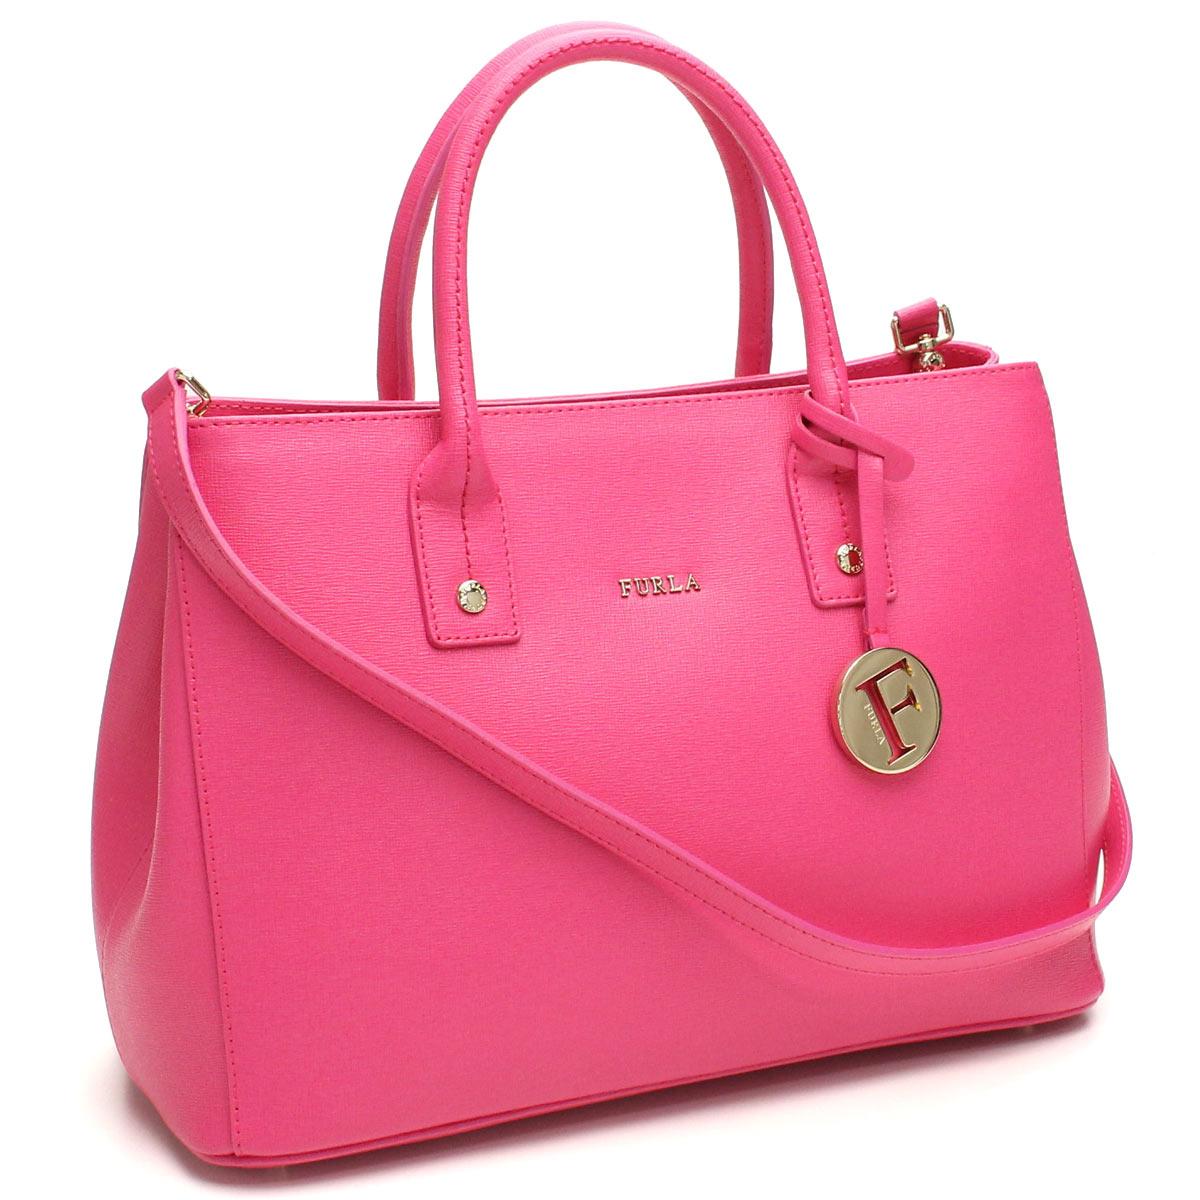 후르라(FURLA) LINDA 토트 백 BDR5 777385 B30 PNK PINKY 핑크계